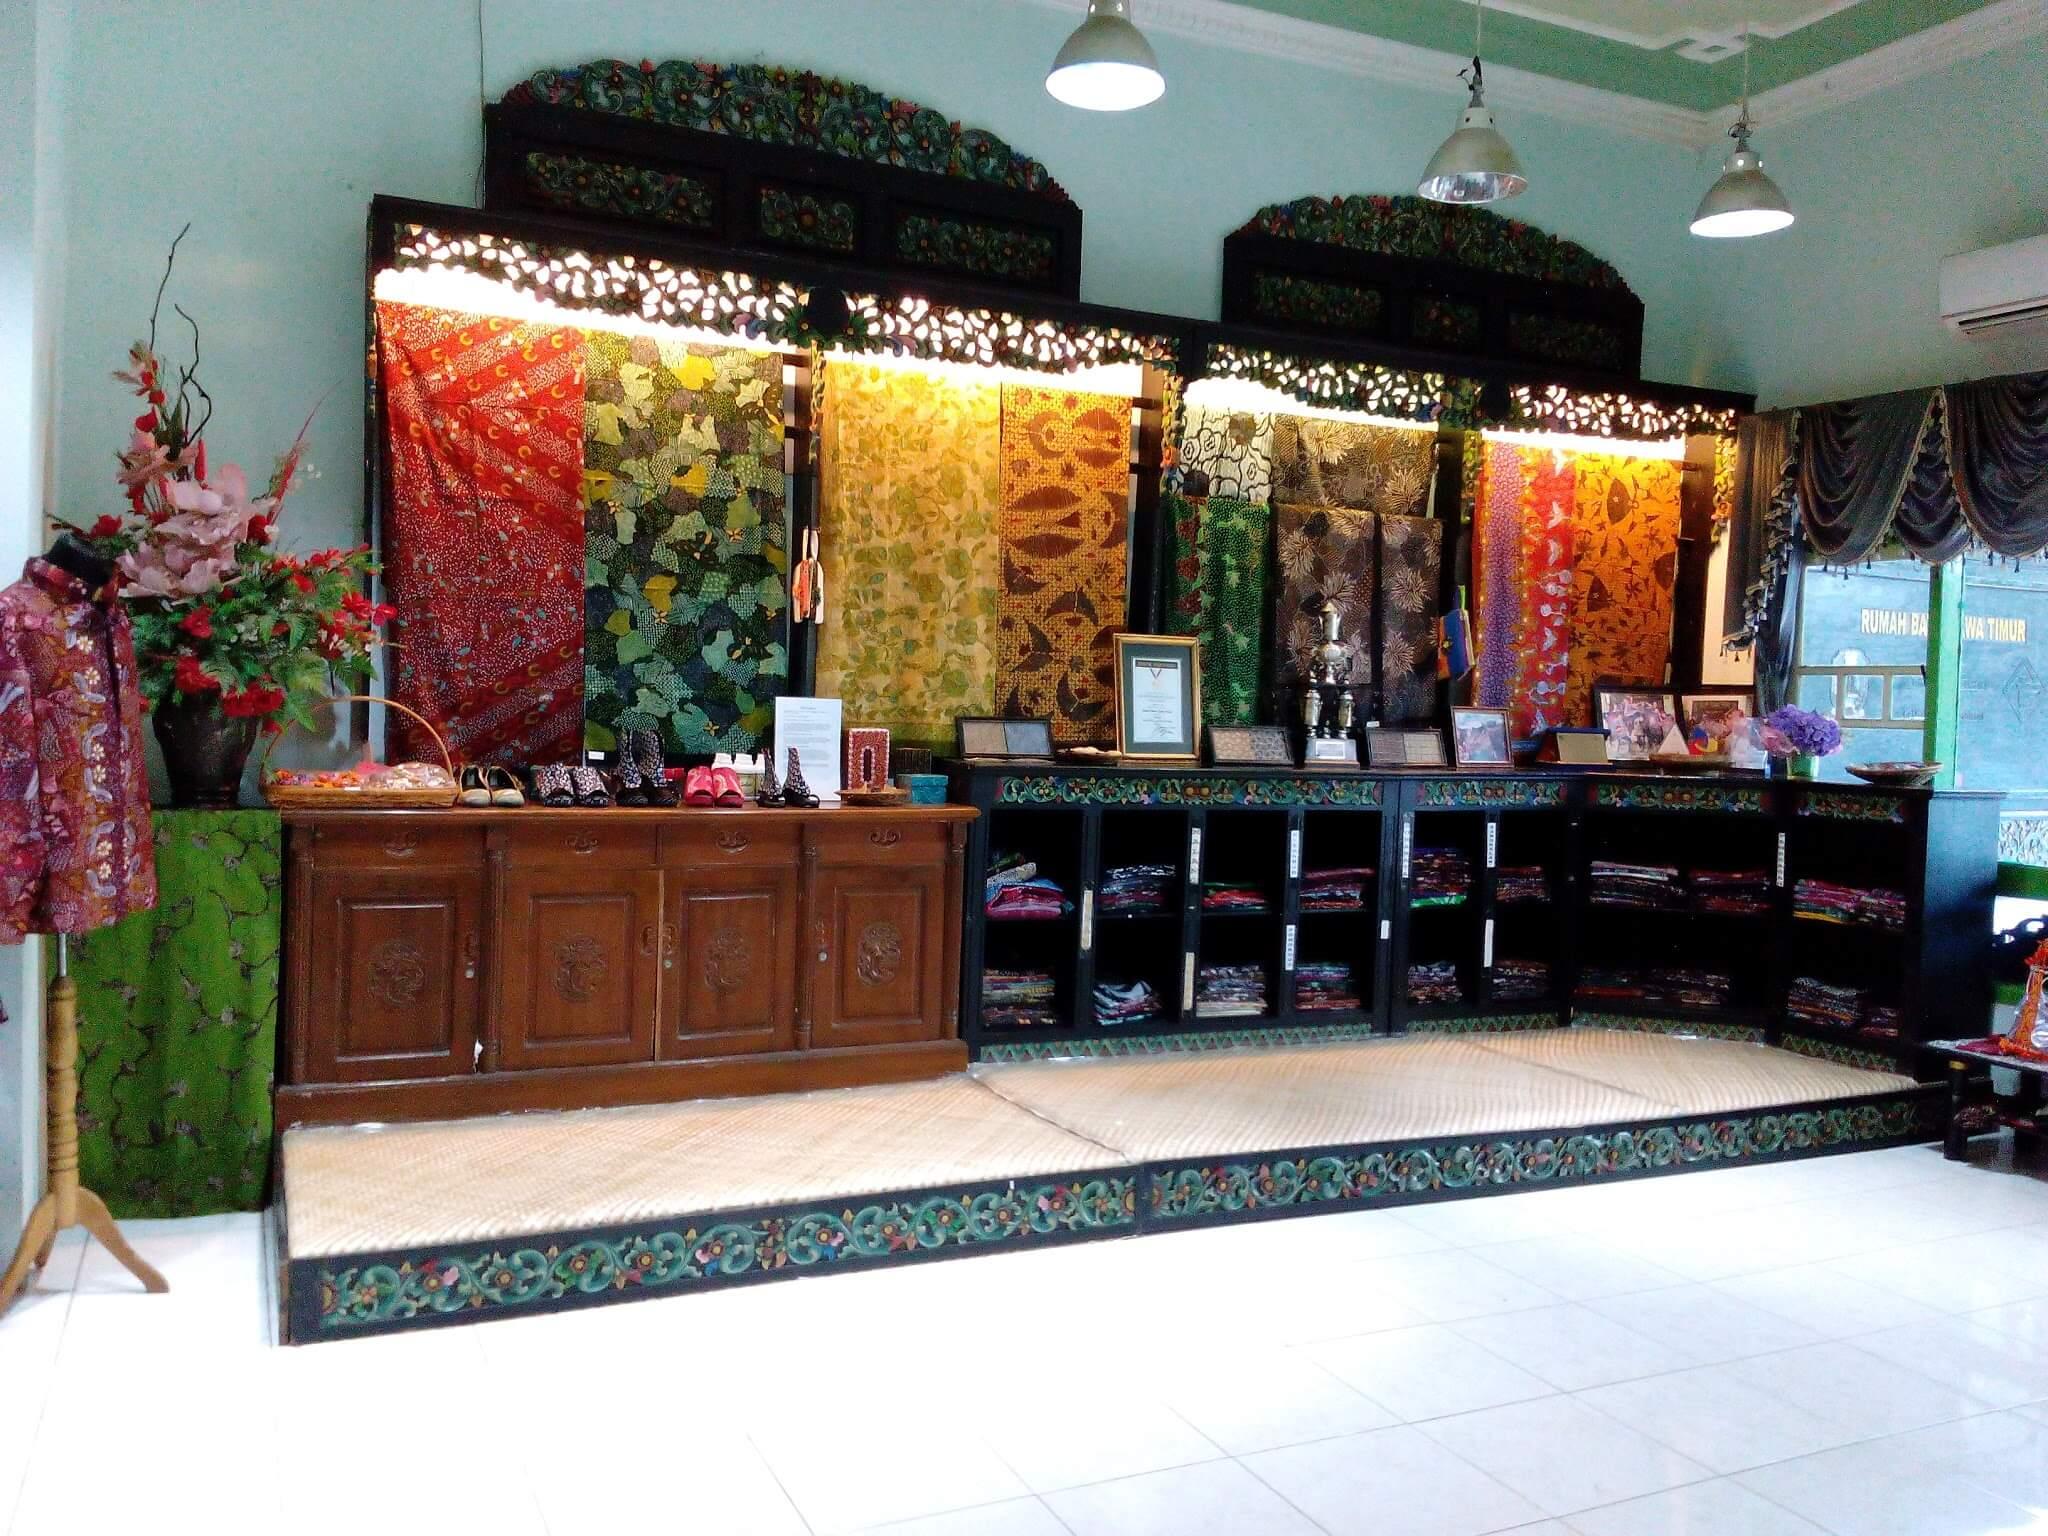 Rumah Batik Surabaya - Tujuan Wisata Favorit Dan Gratis Di Surabaya Yang Wajib Kamu Kunjungi